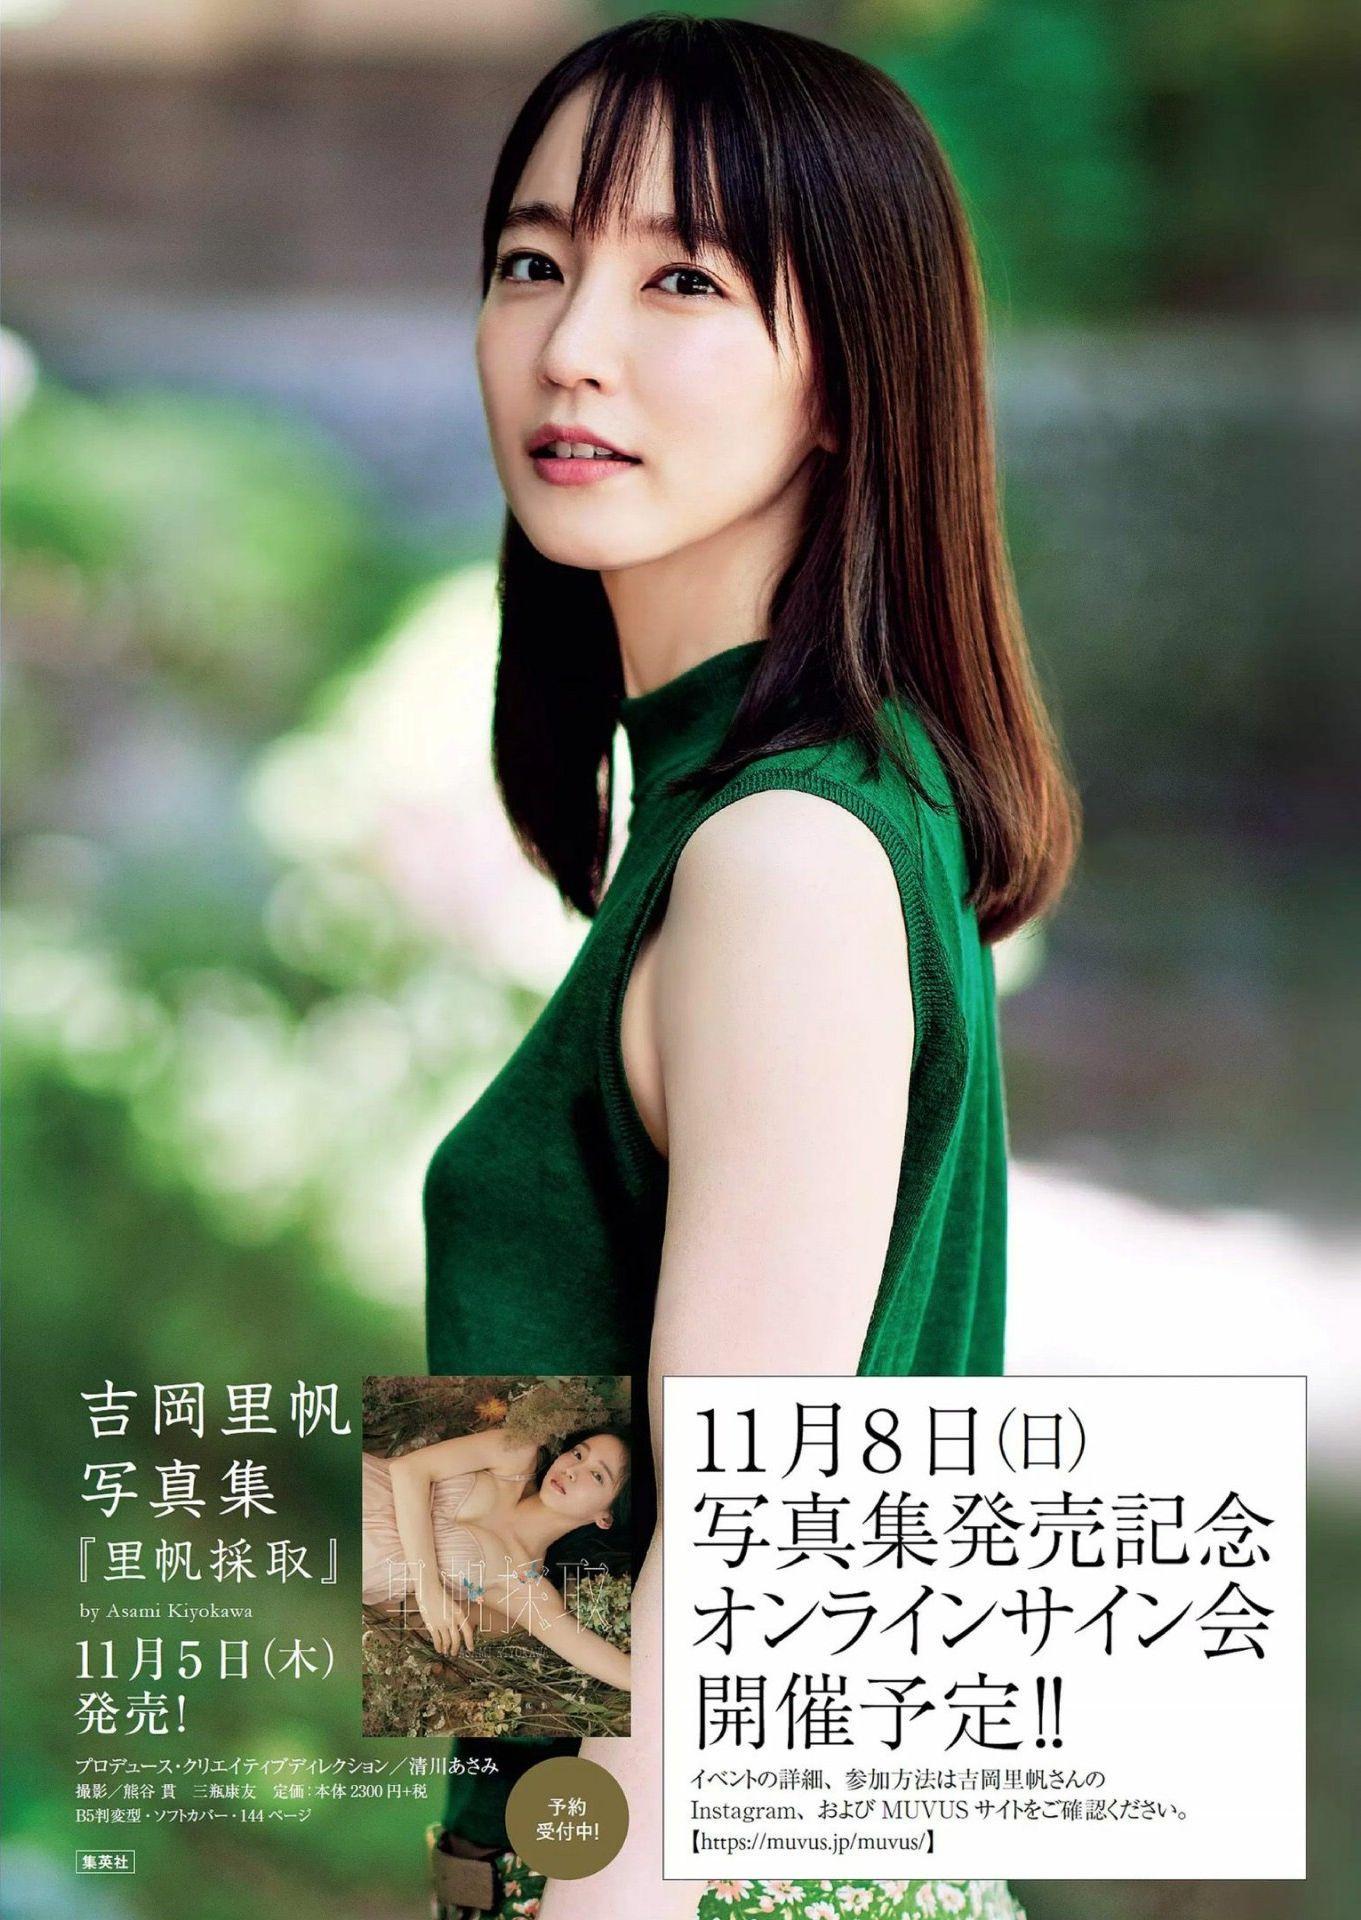 Weekly Playboy 2020-43_imgs-0002_2